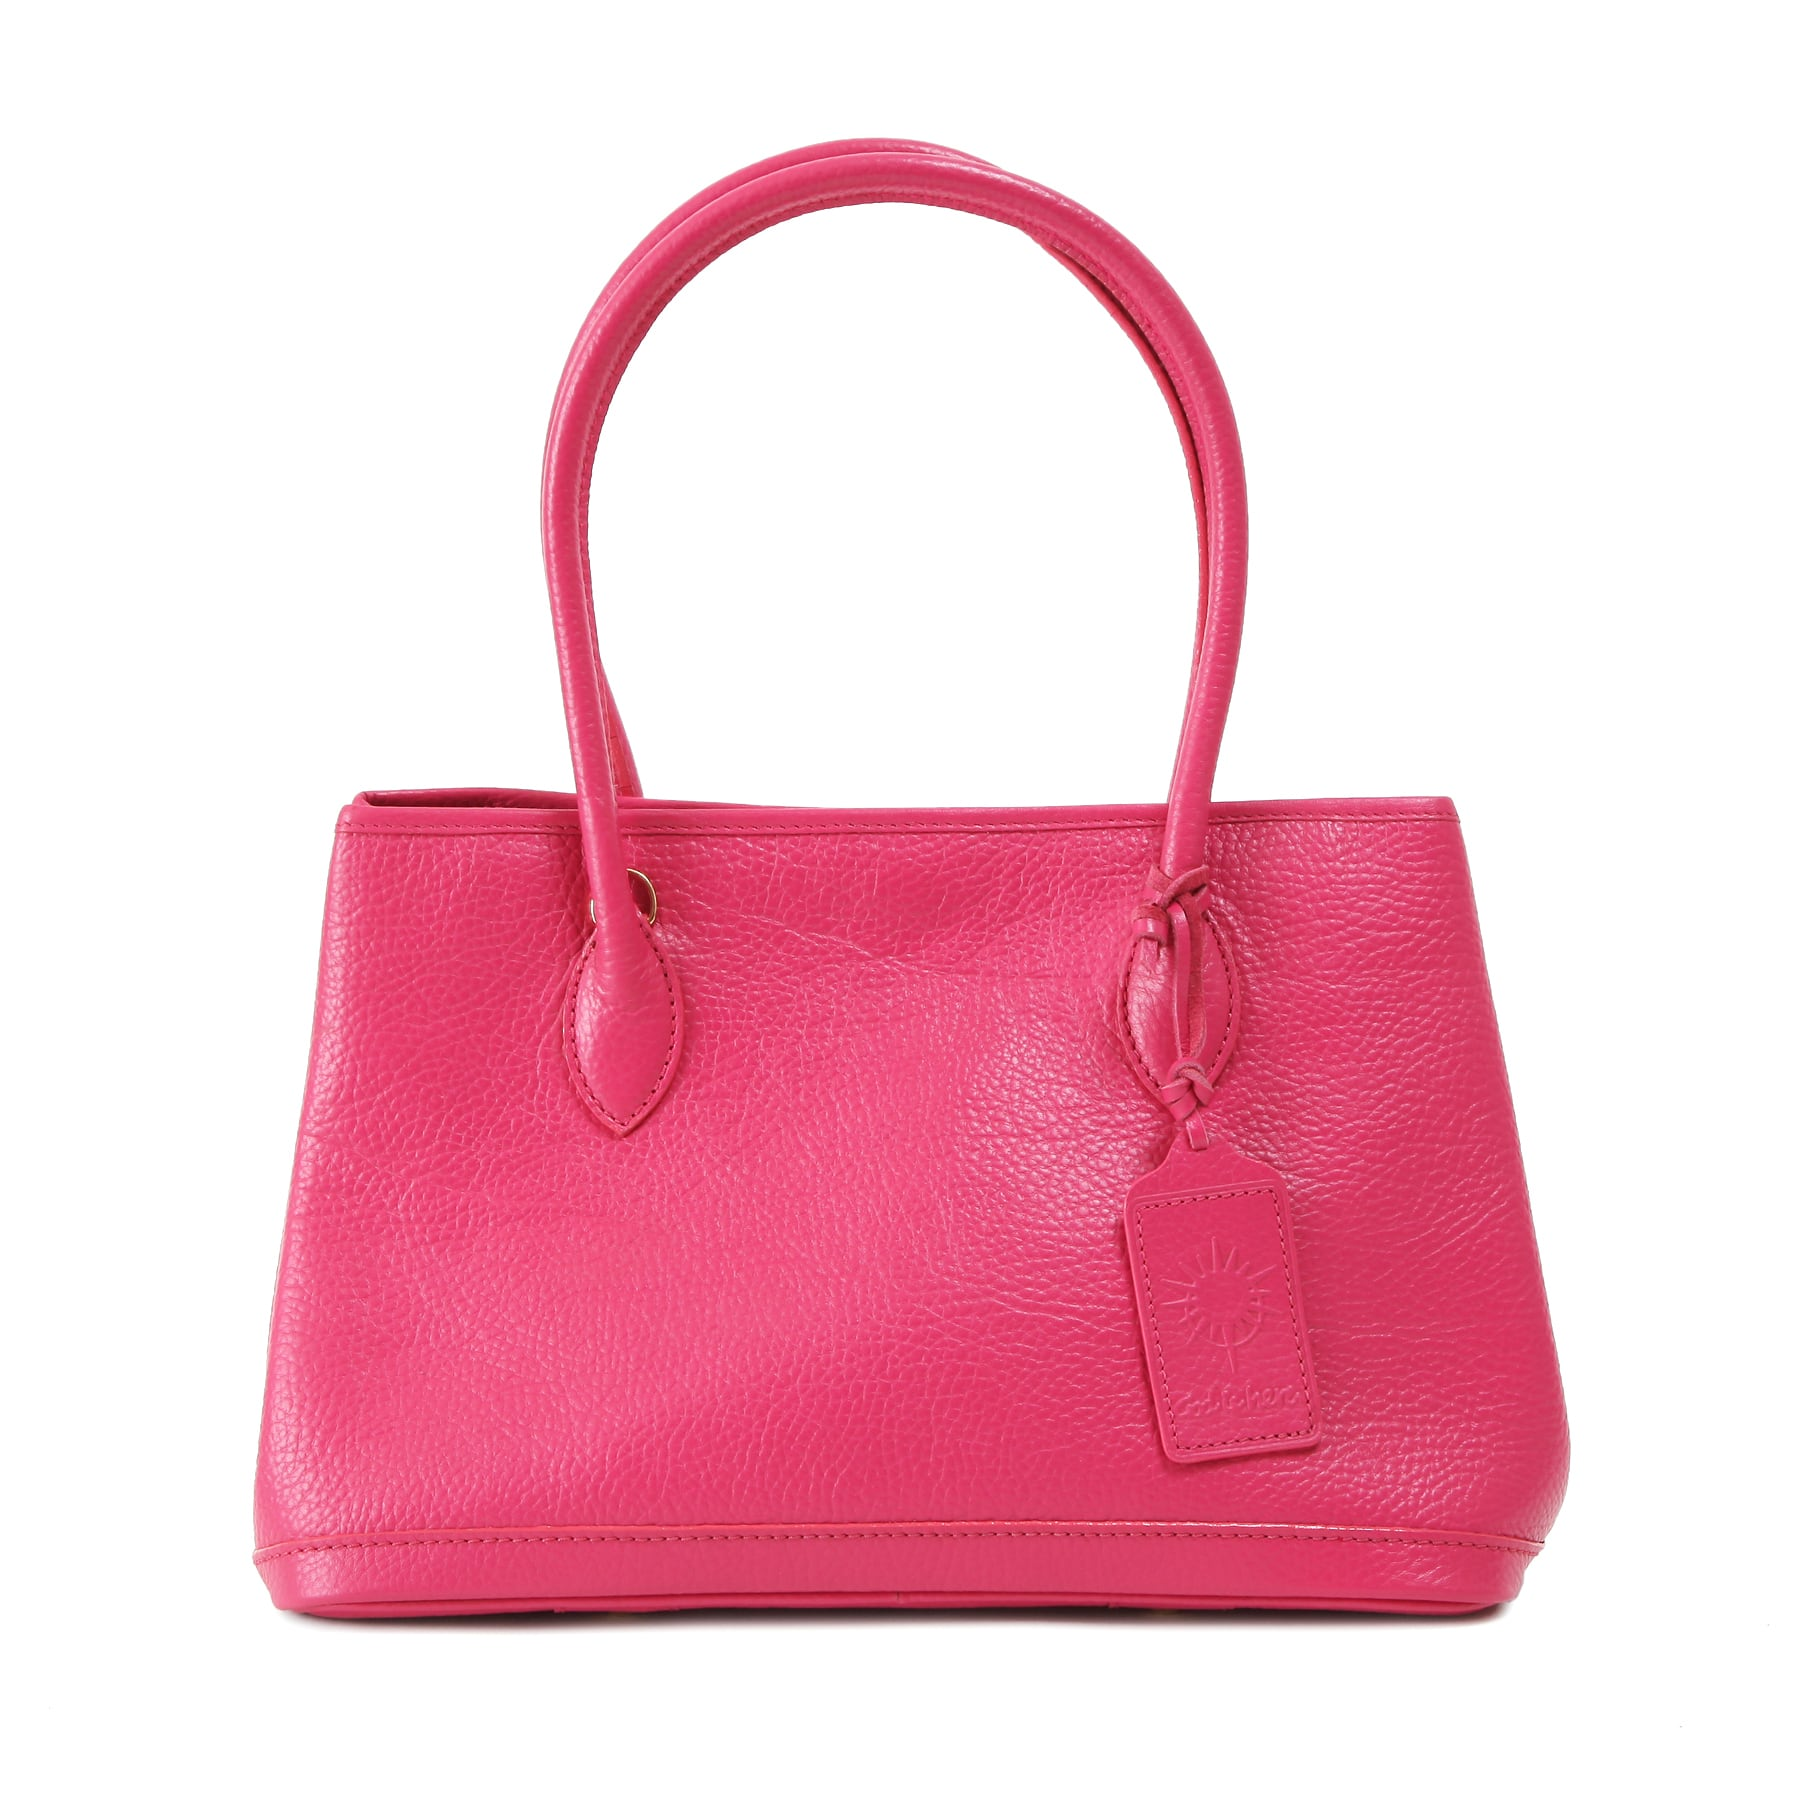 牛革製バッグ/キンバリー ピンク